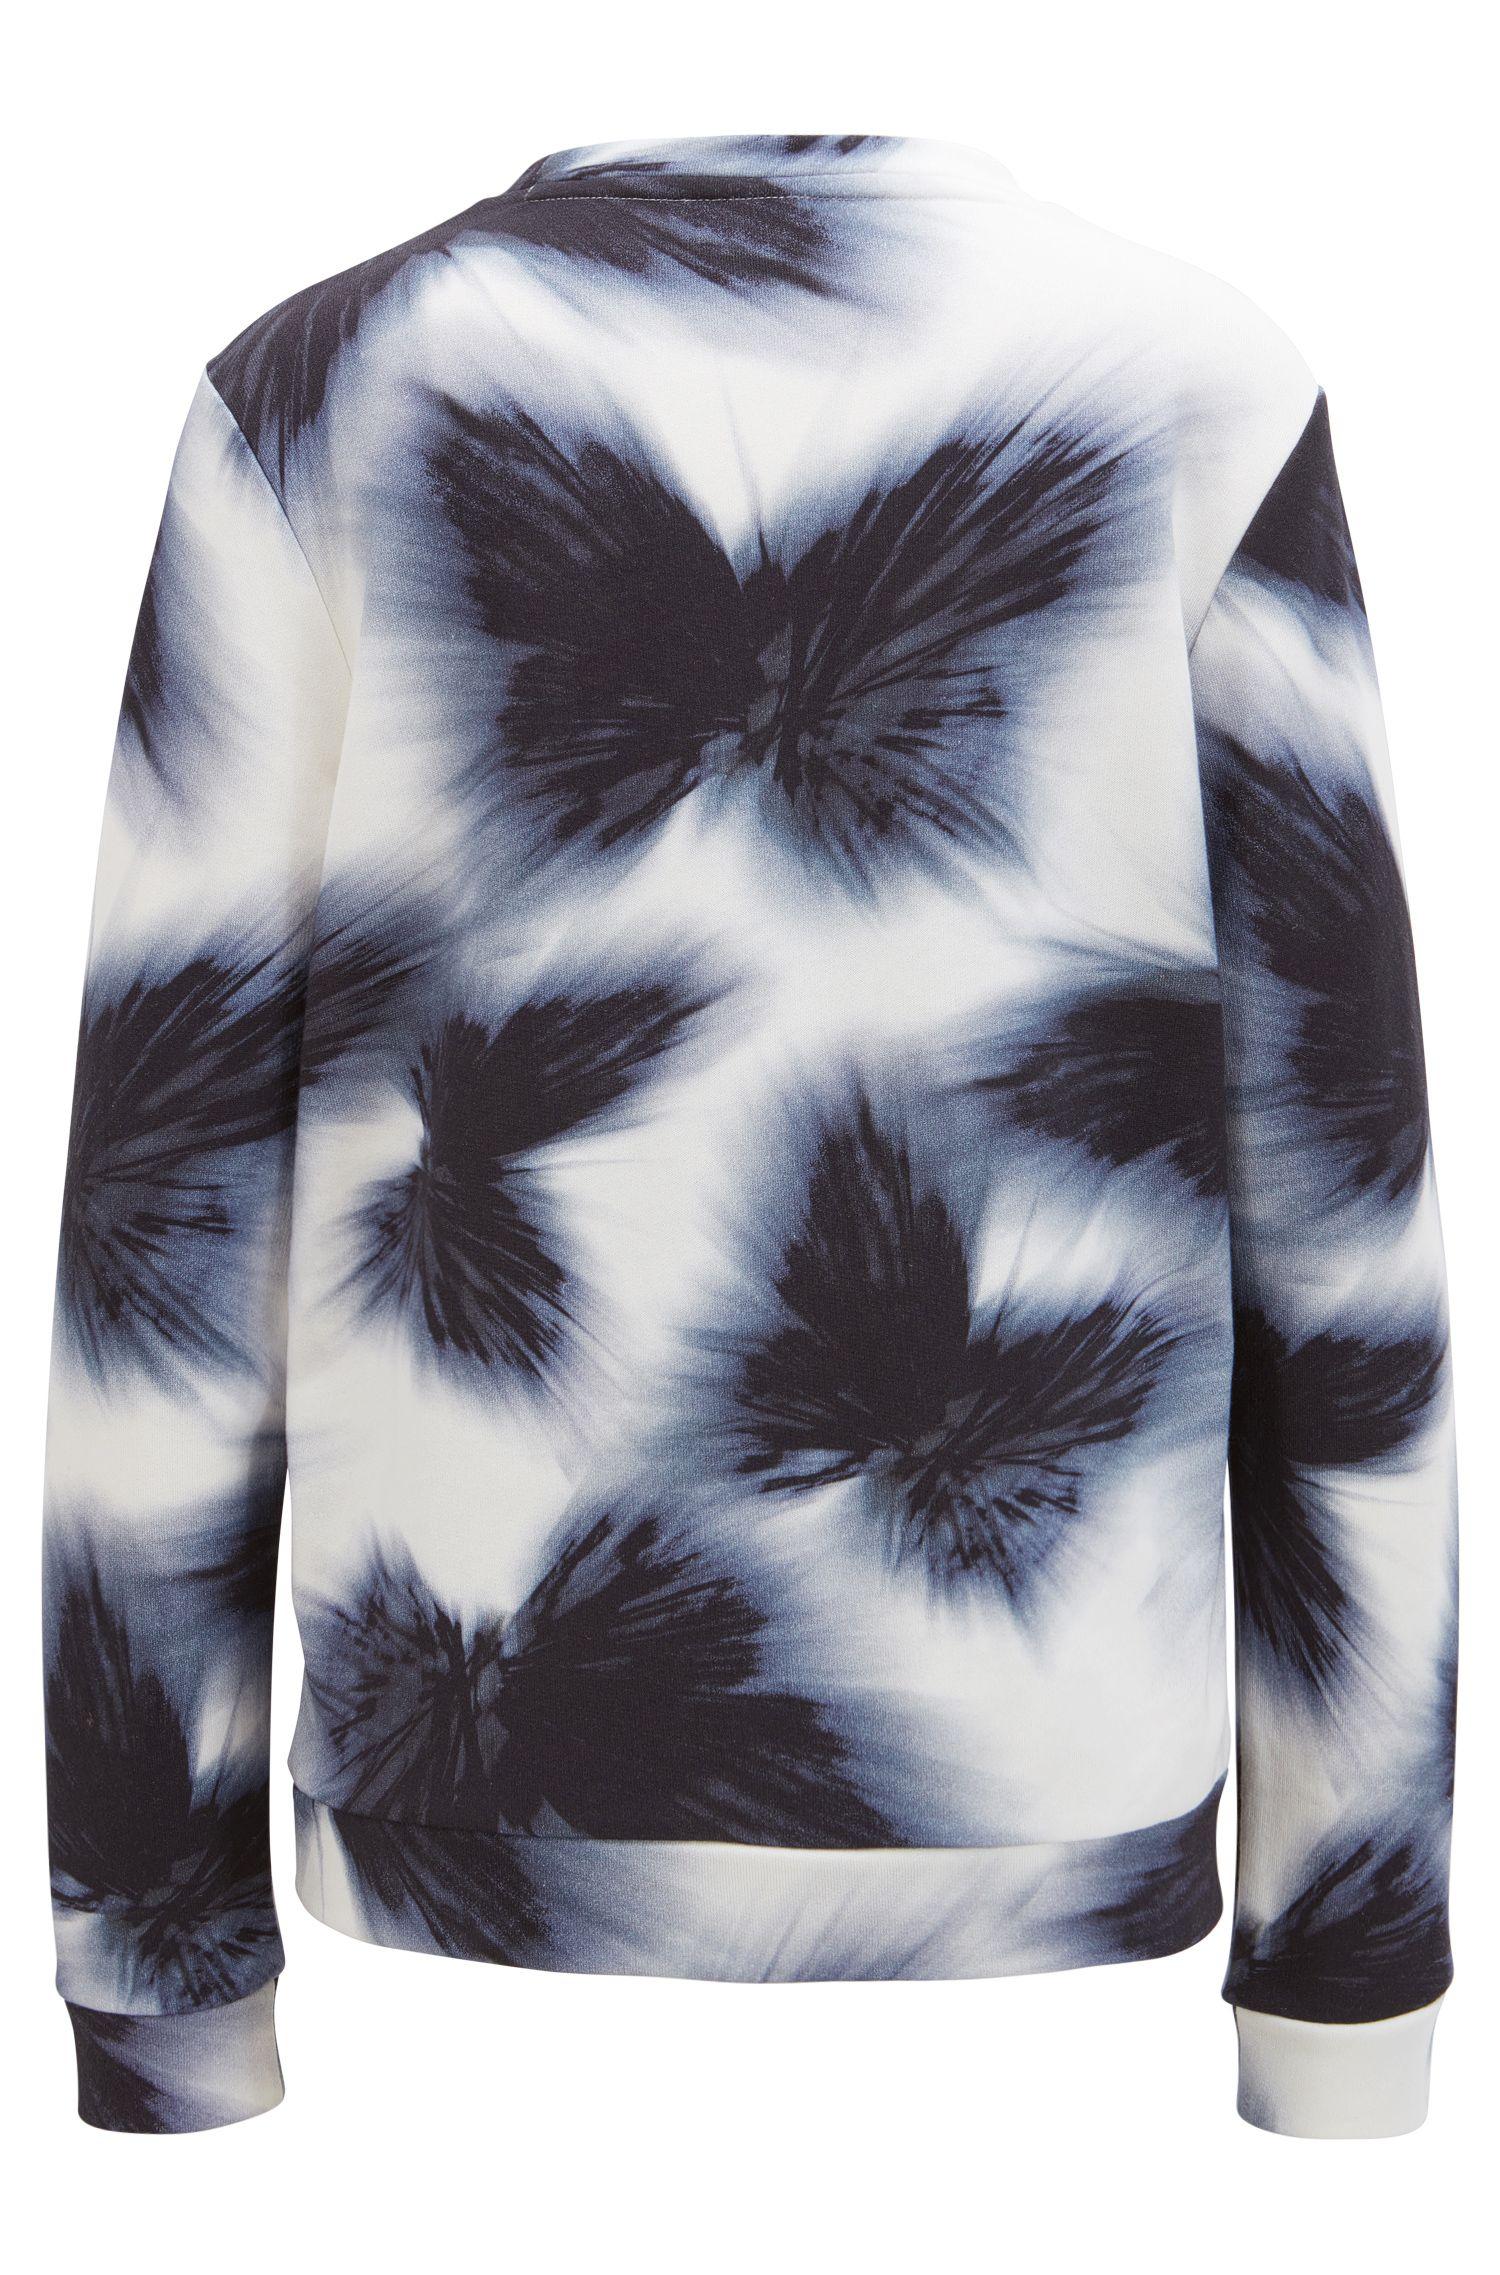 Farbenfroher Pullover aus Baumwoll-Mix mit Modal und Seide